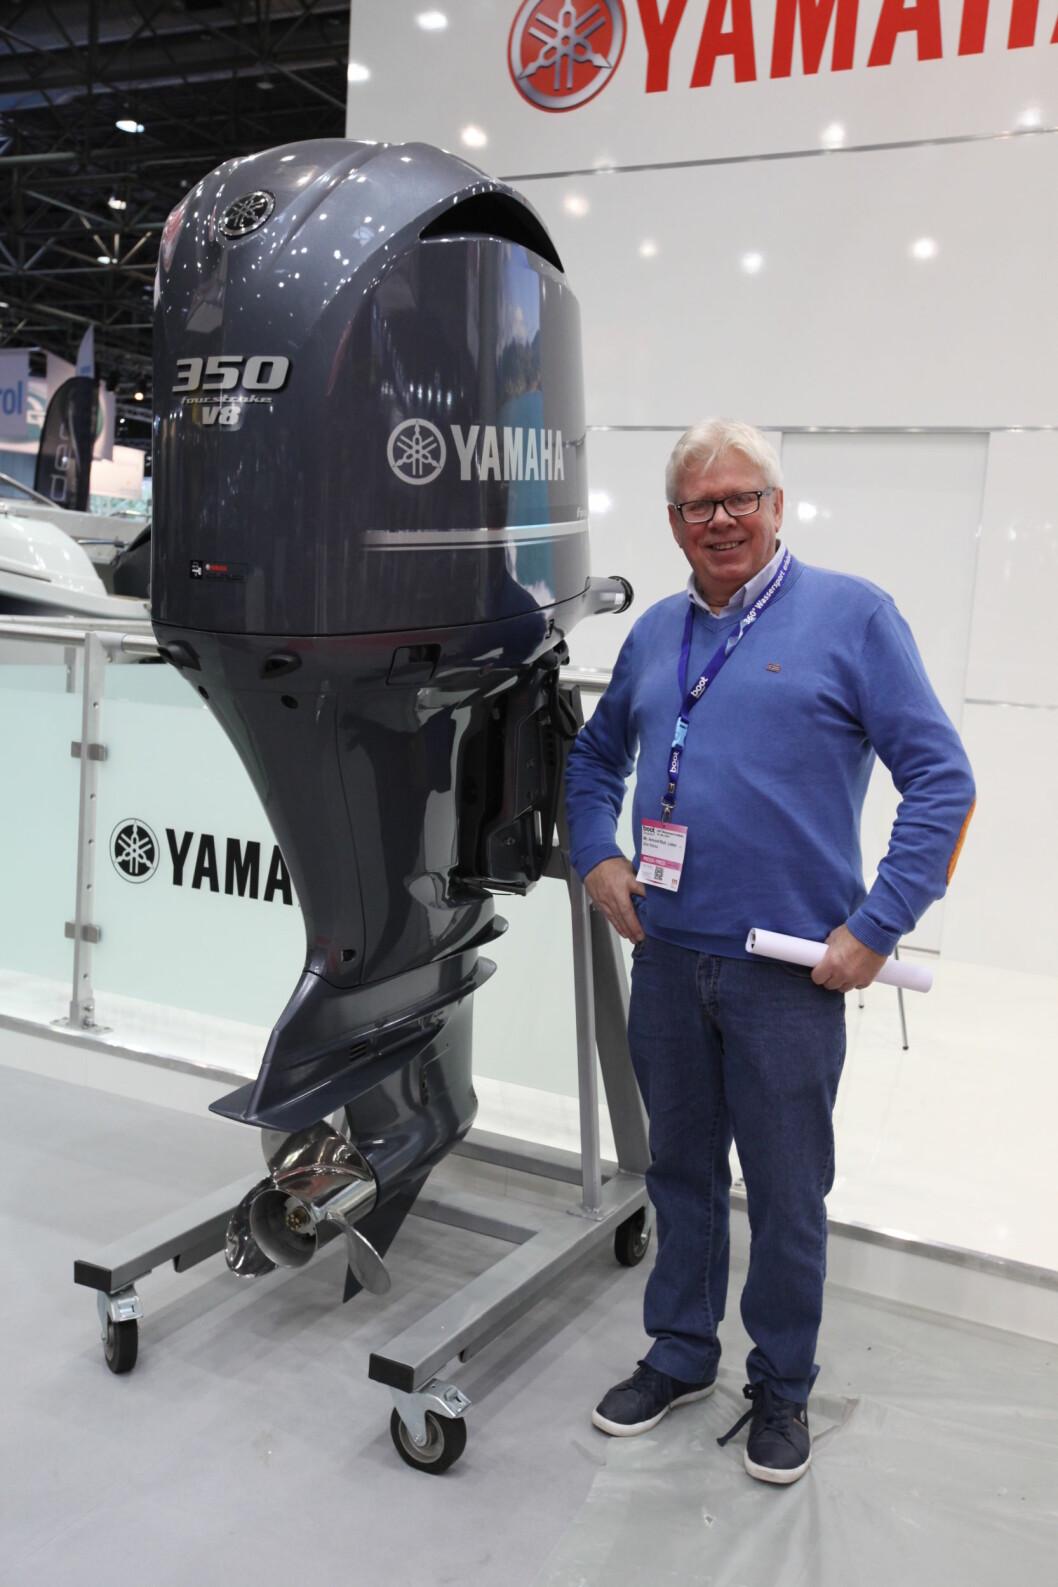 Den ruver i terrenget, Yamahas 350 hesters utenbordsmotor. Nå bør den bli 70.700 kroner billigere når den forhatte HK-avgiften forsvinner. Båtmagasinets reportasjeleder Amund R. Løken har grunn til å smile på vegne av båtfolket.